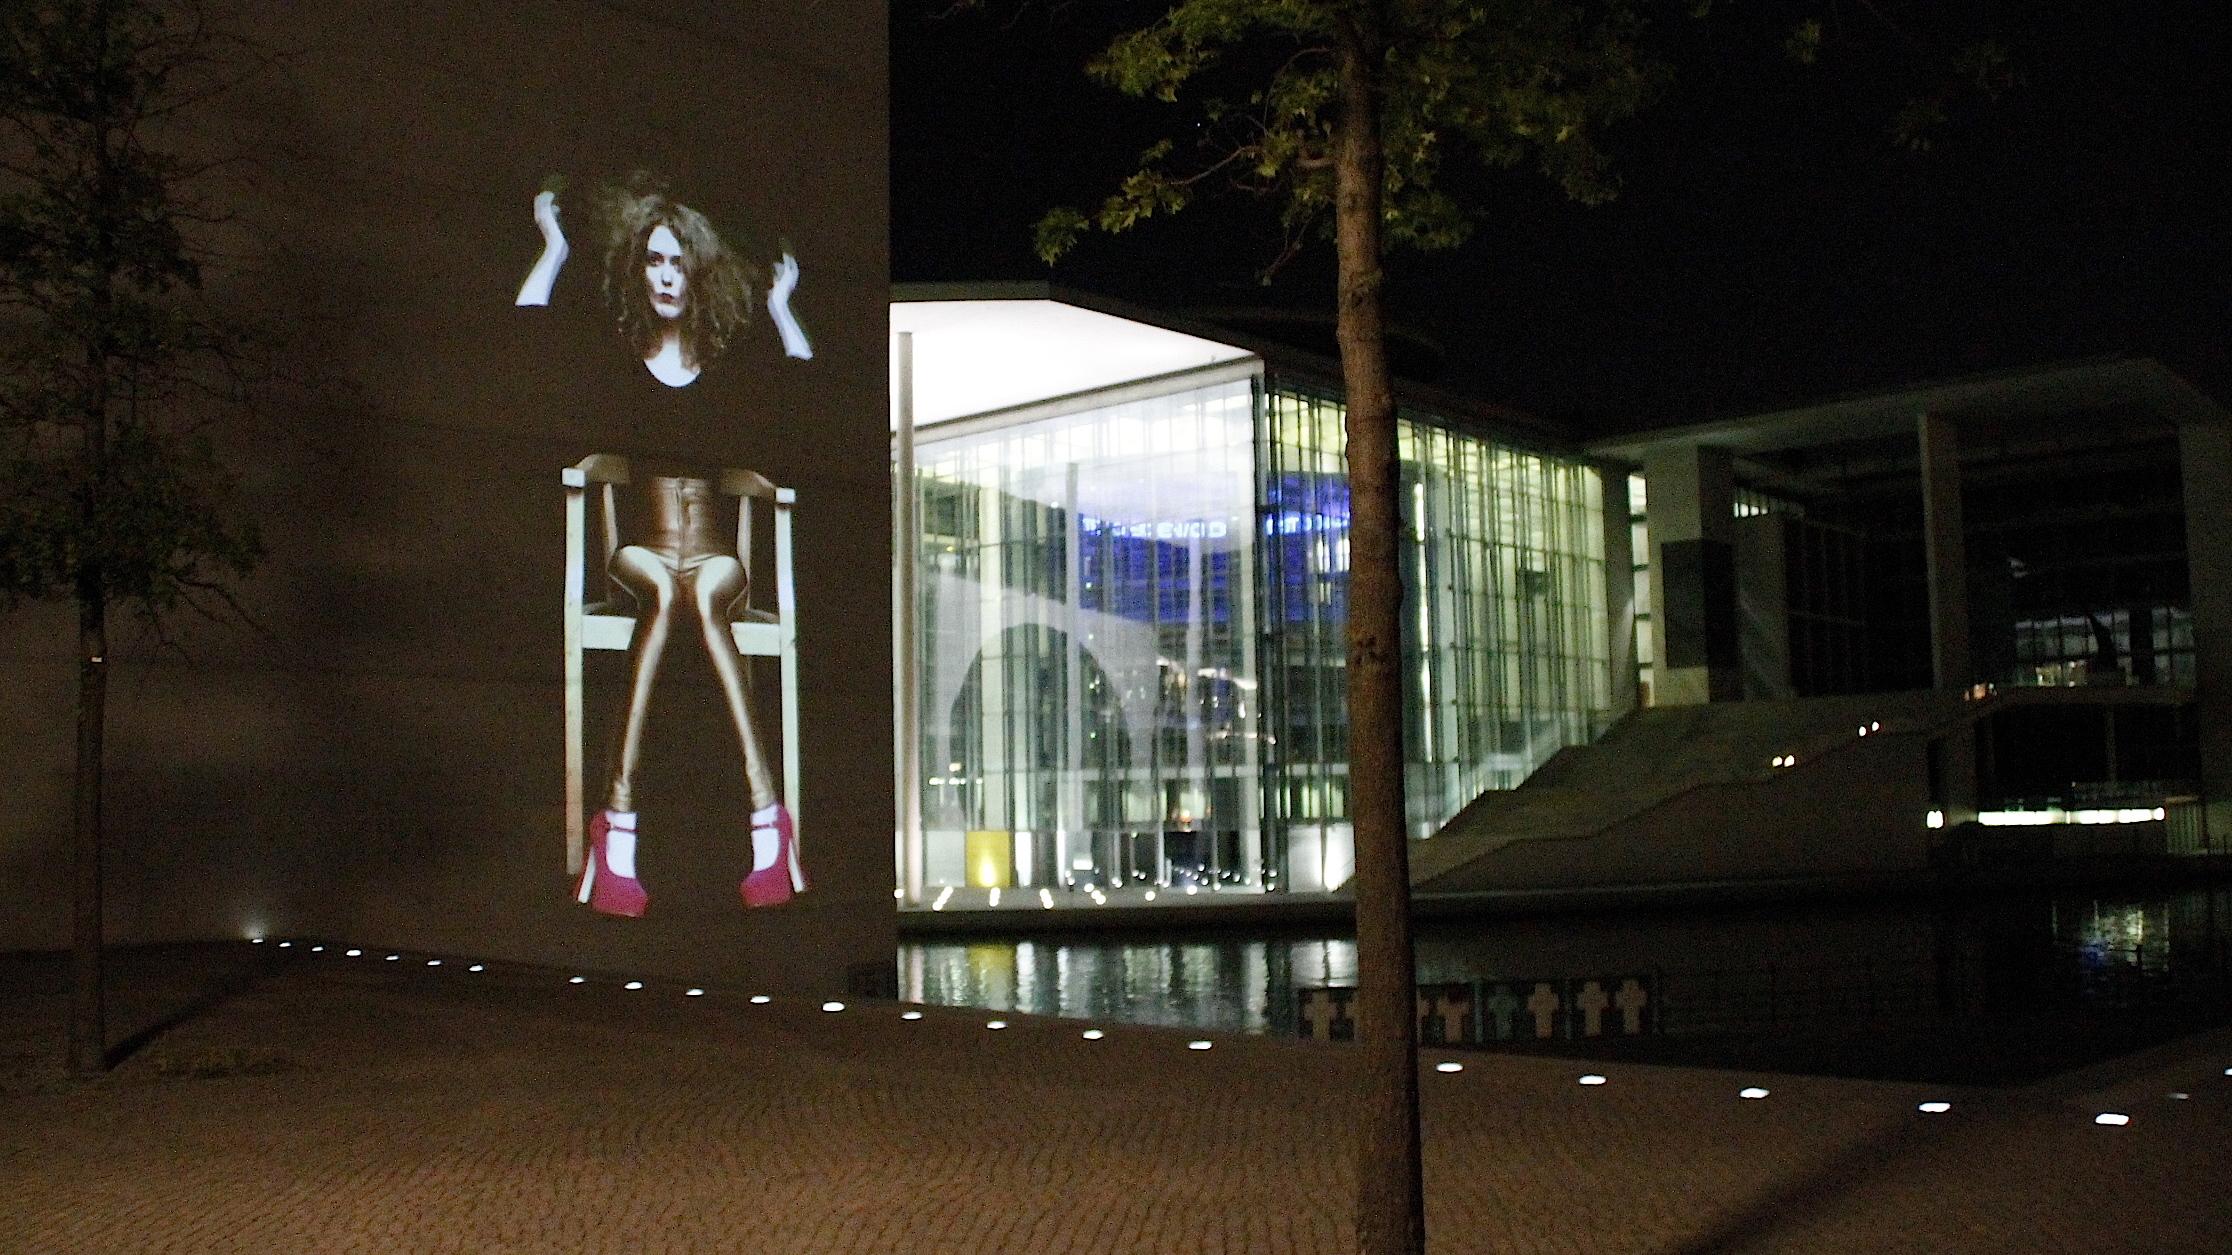 2014 - Video Installation In Public Art - Quadrulpa - Berlin